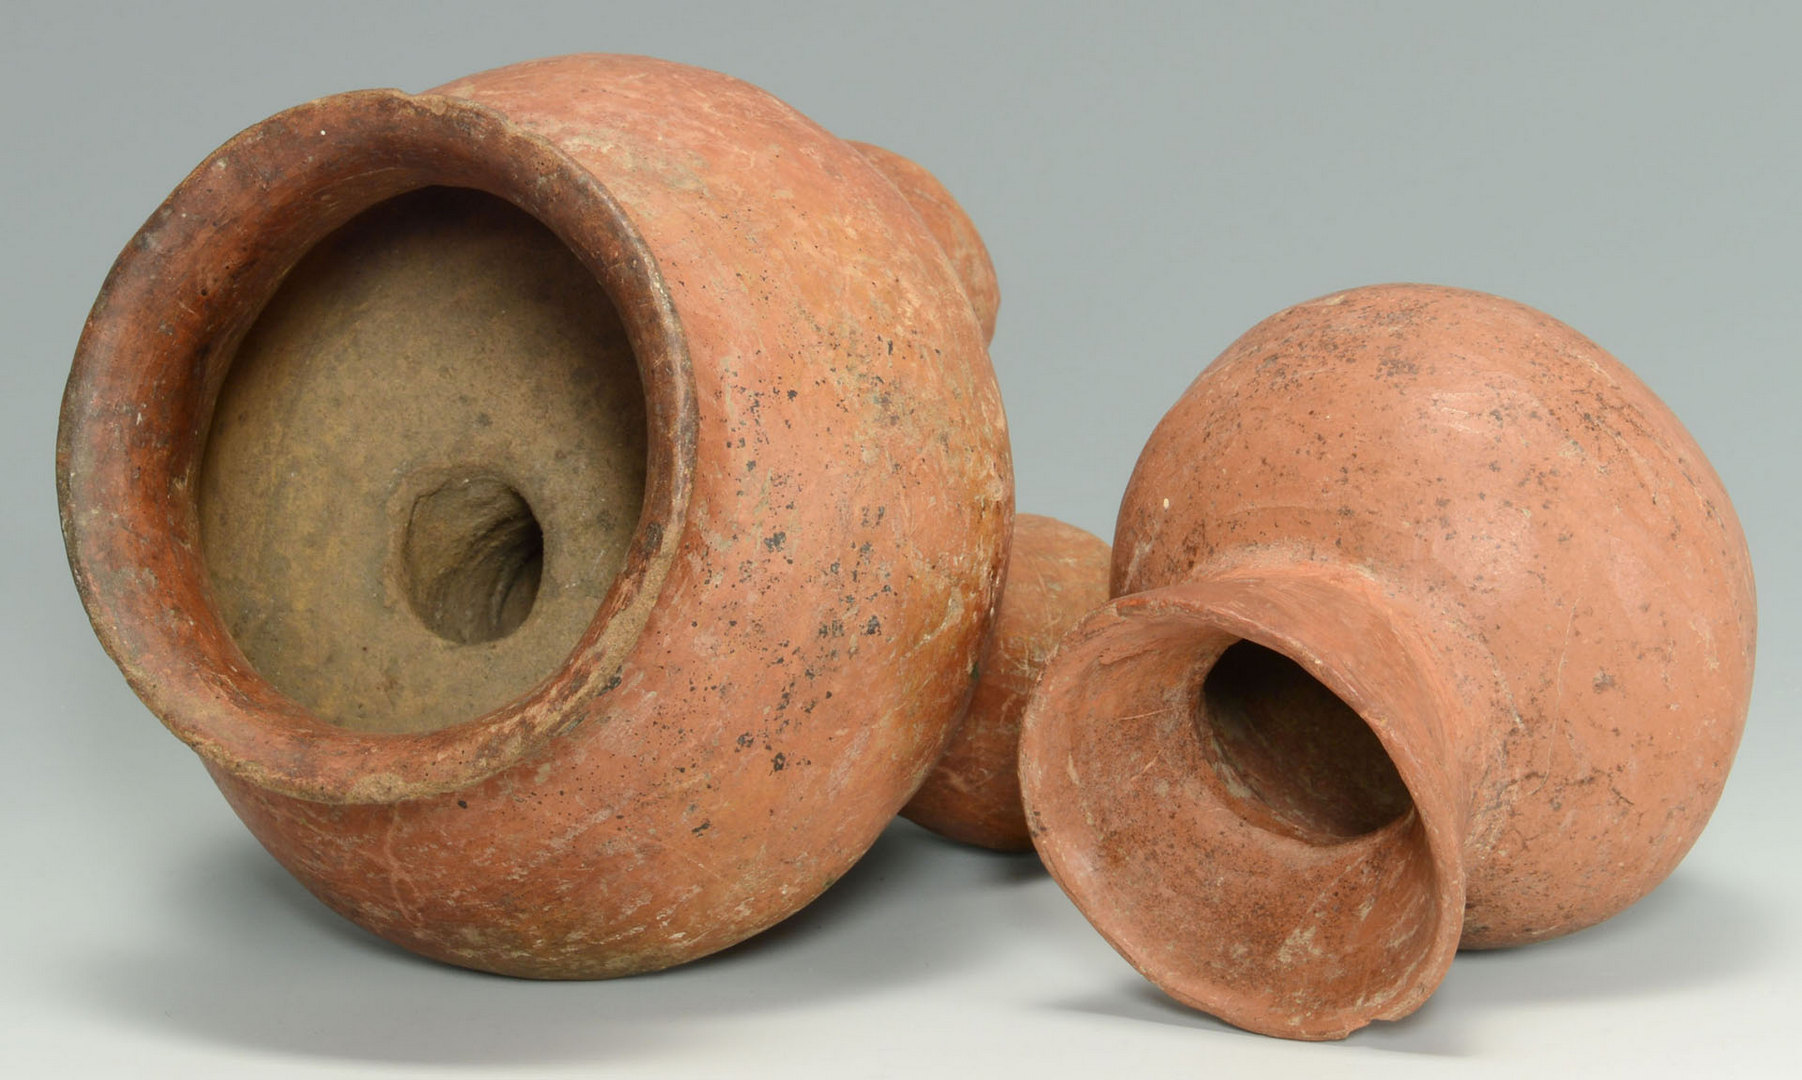 Lot 643: Southwestern/Mexican redware tripod bowl & jar, 2